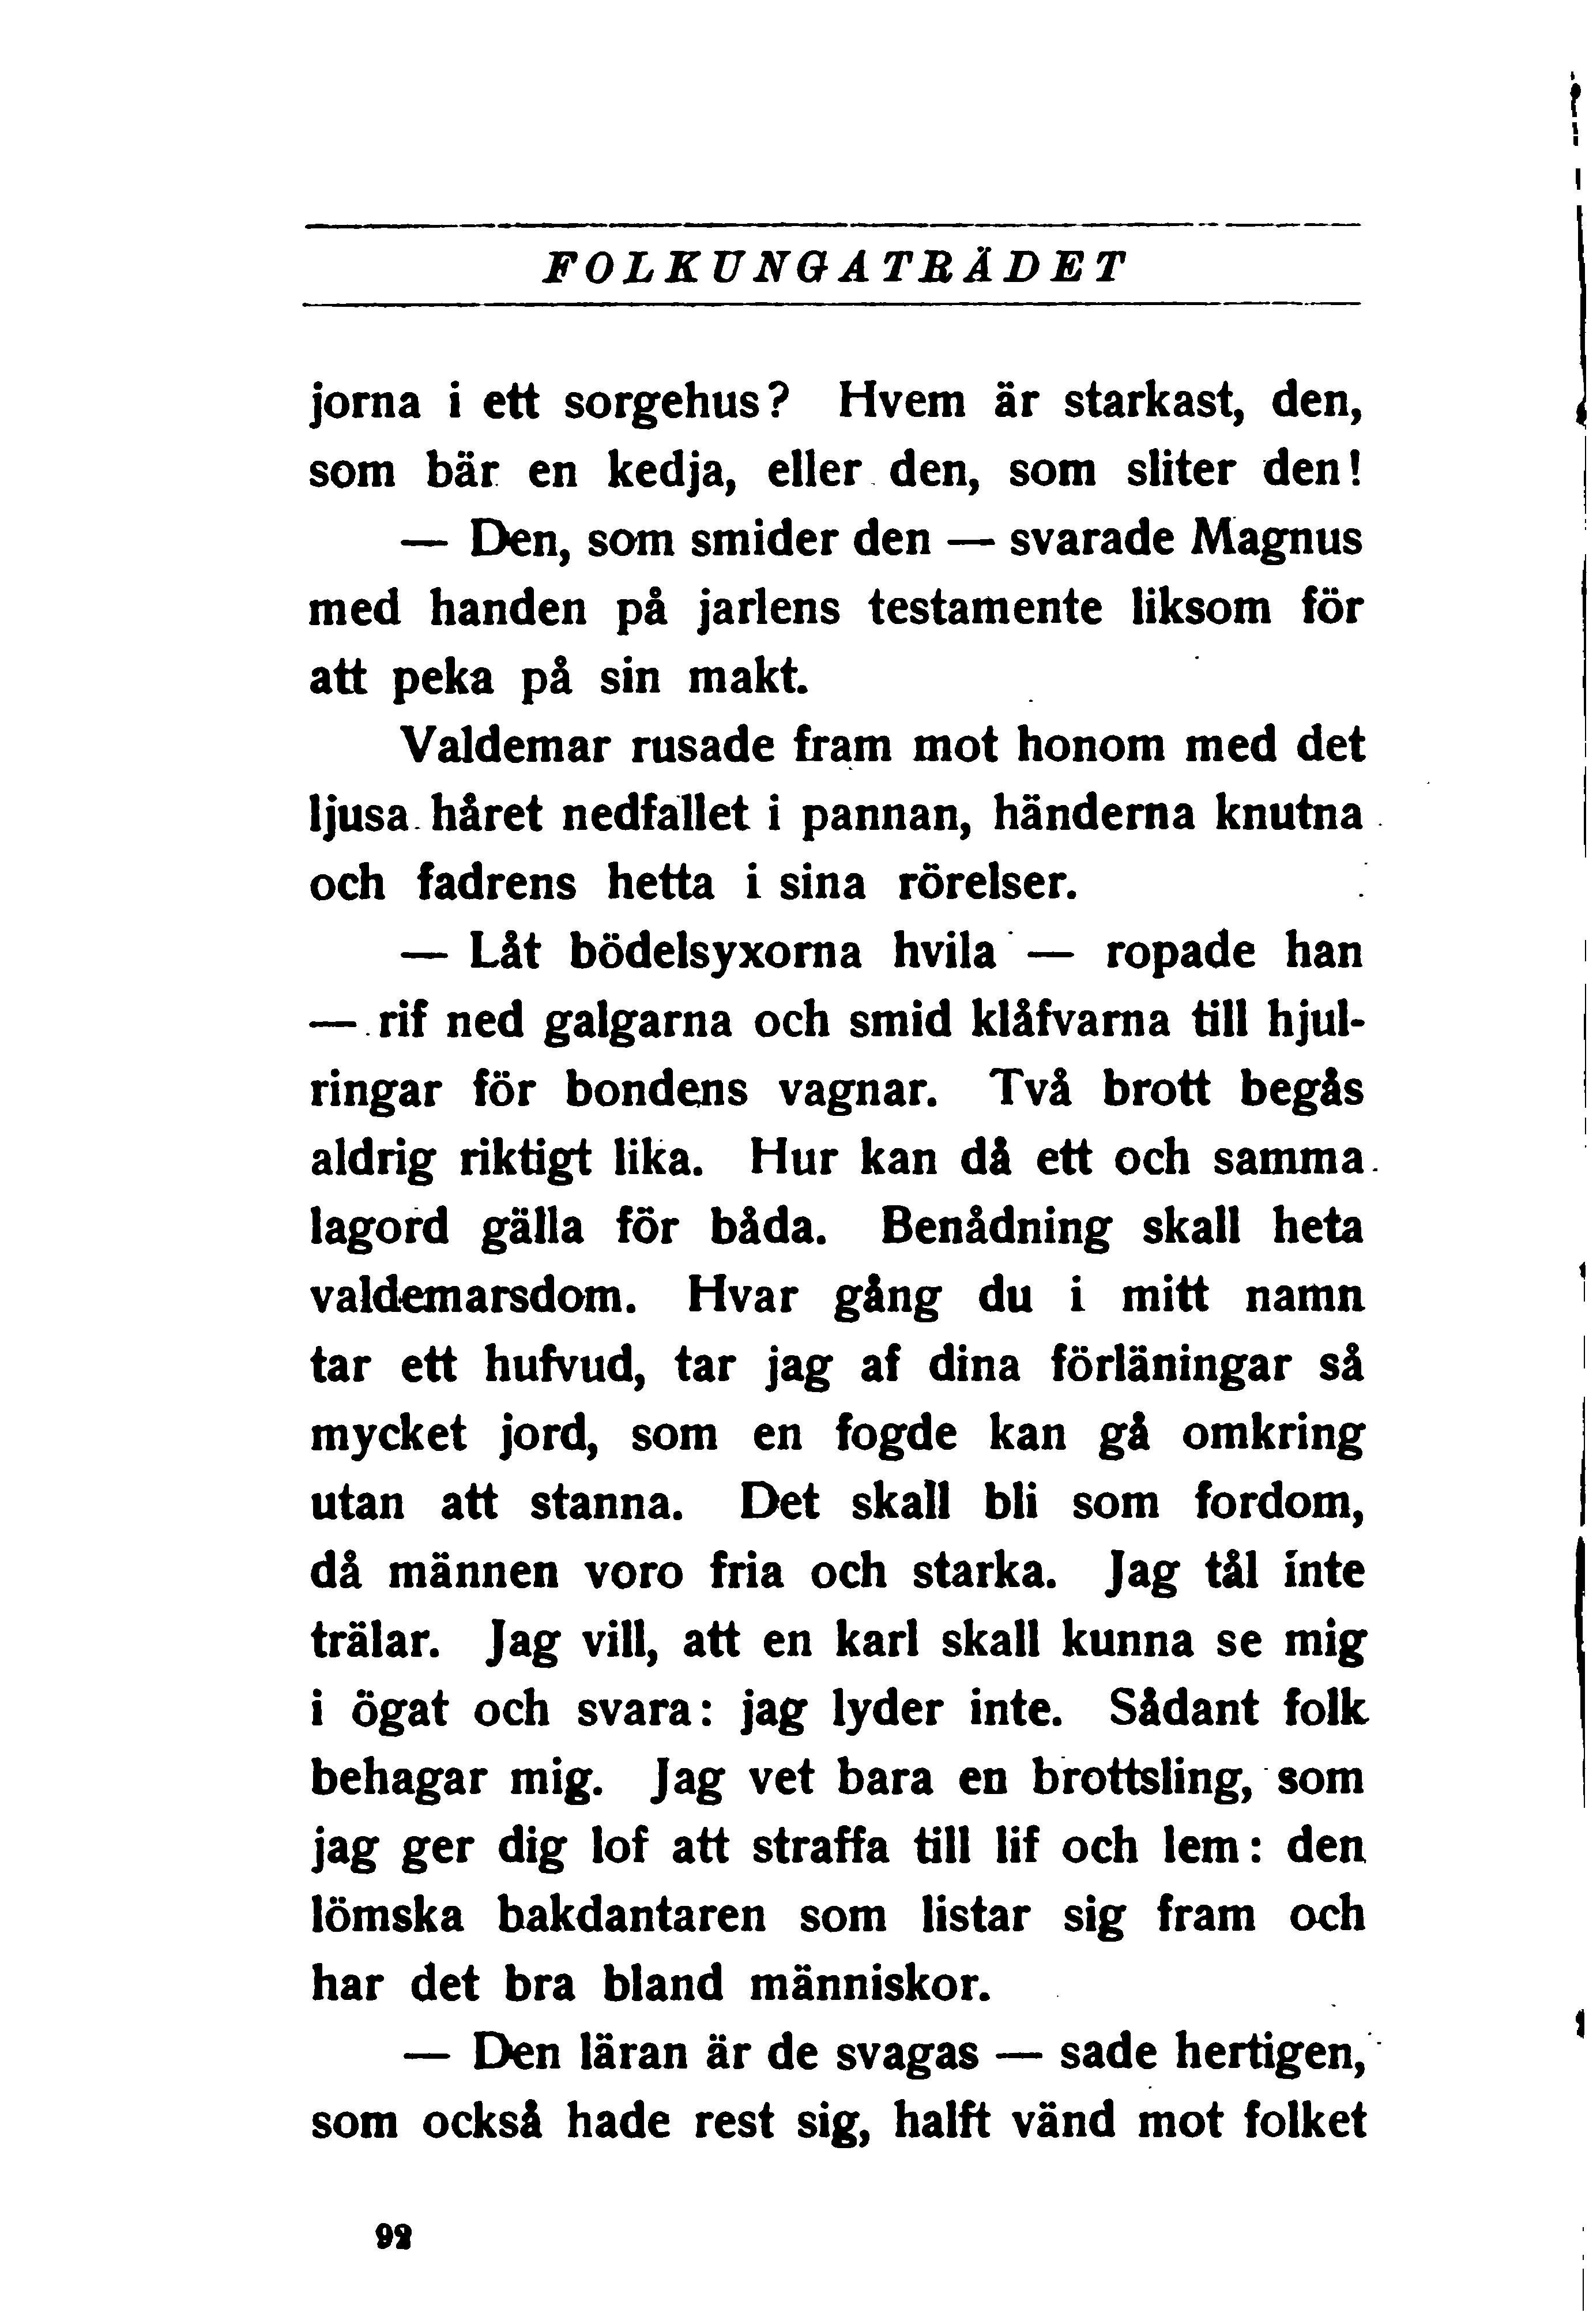 mötesplatsen karl gustavsgatan 65 Nyköping